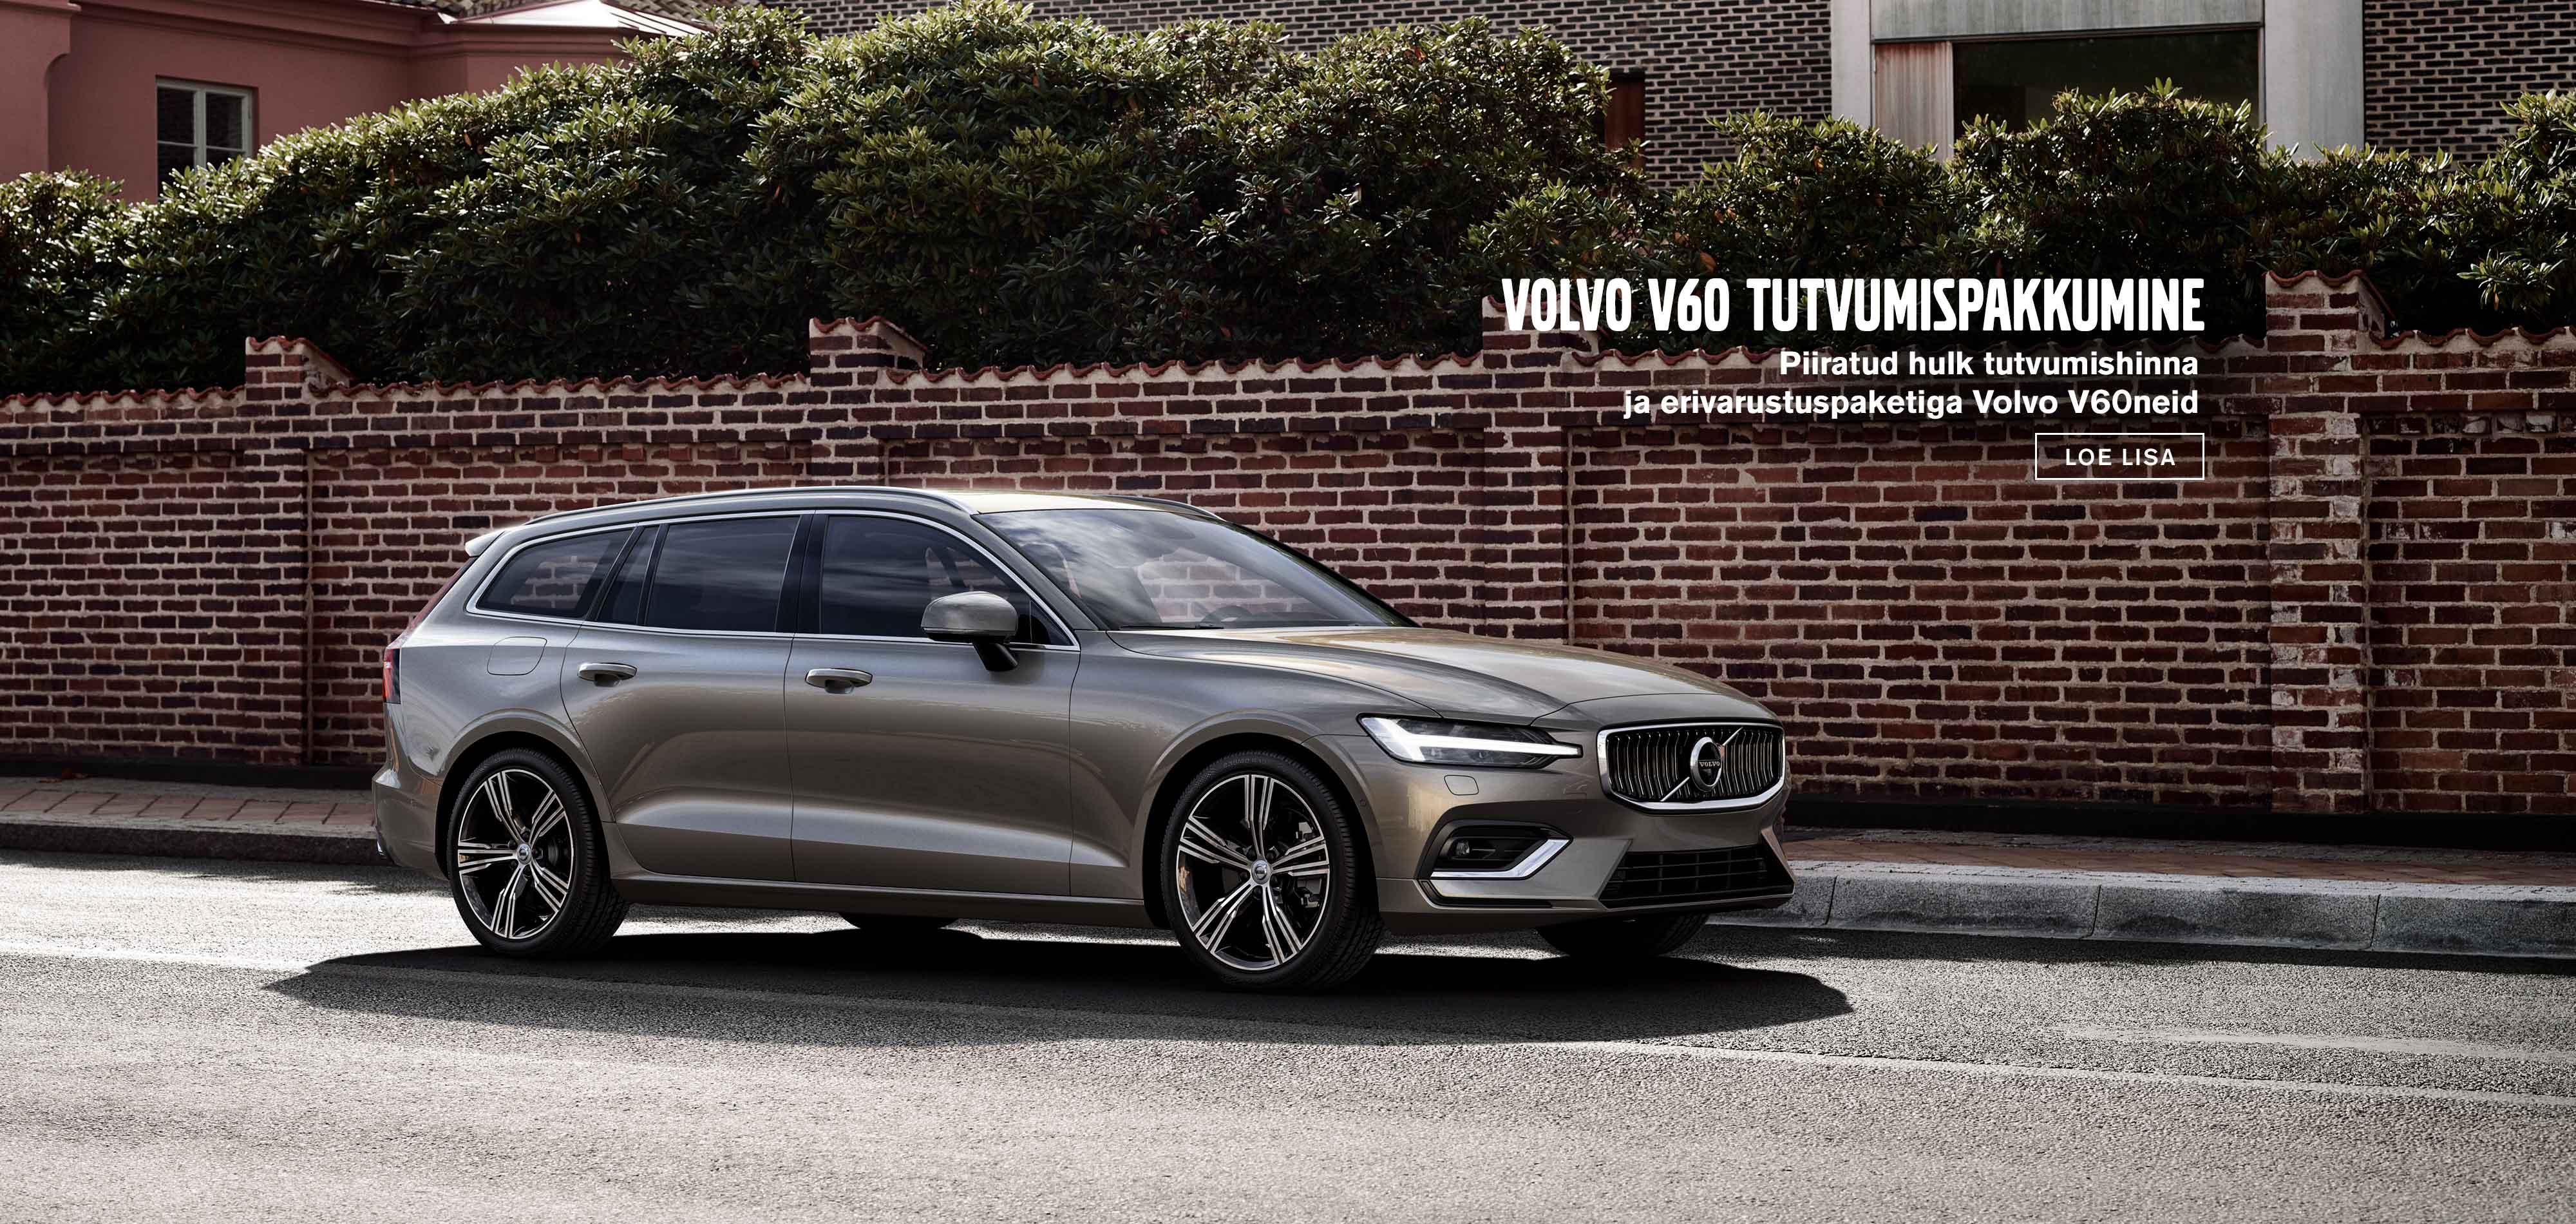 Volvo V60 tutvumispakkumine